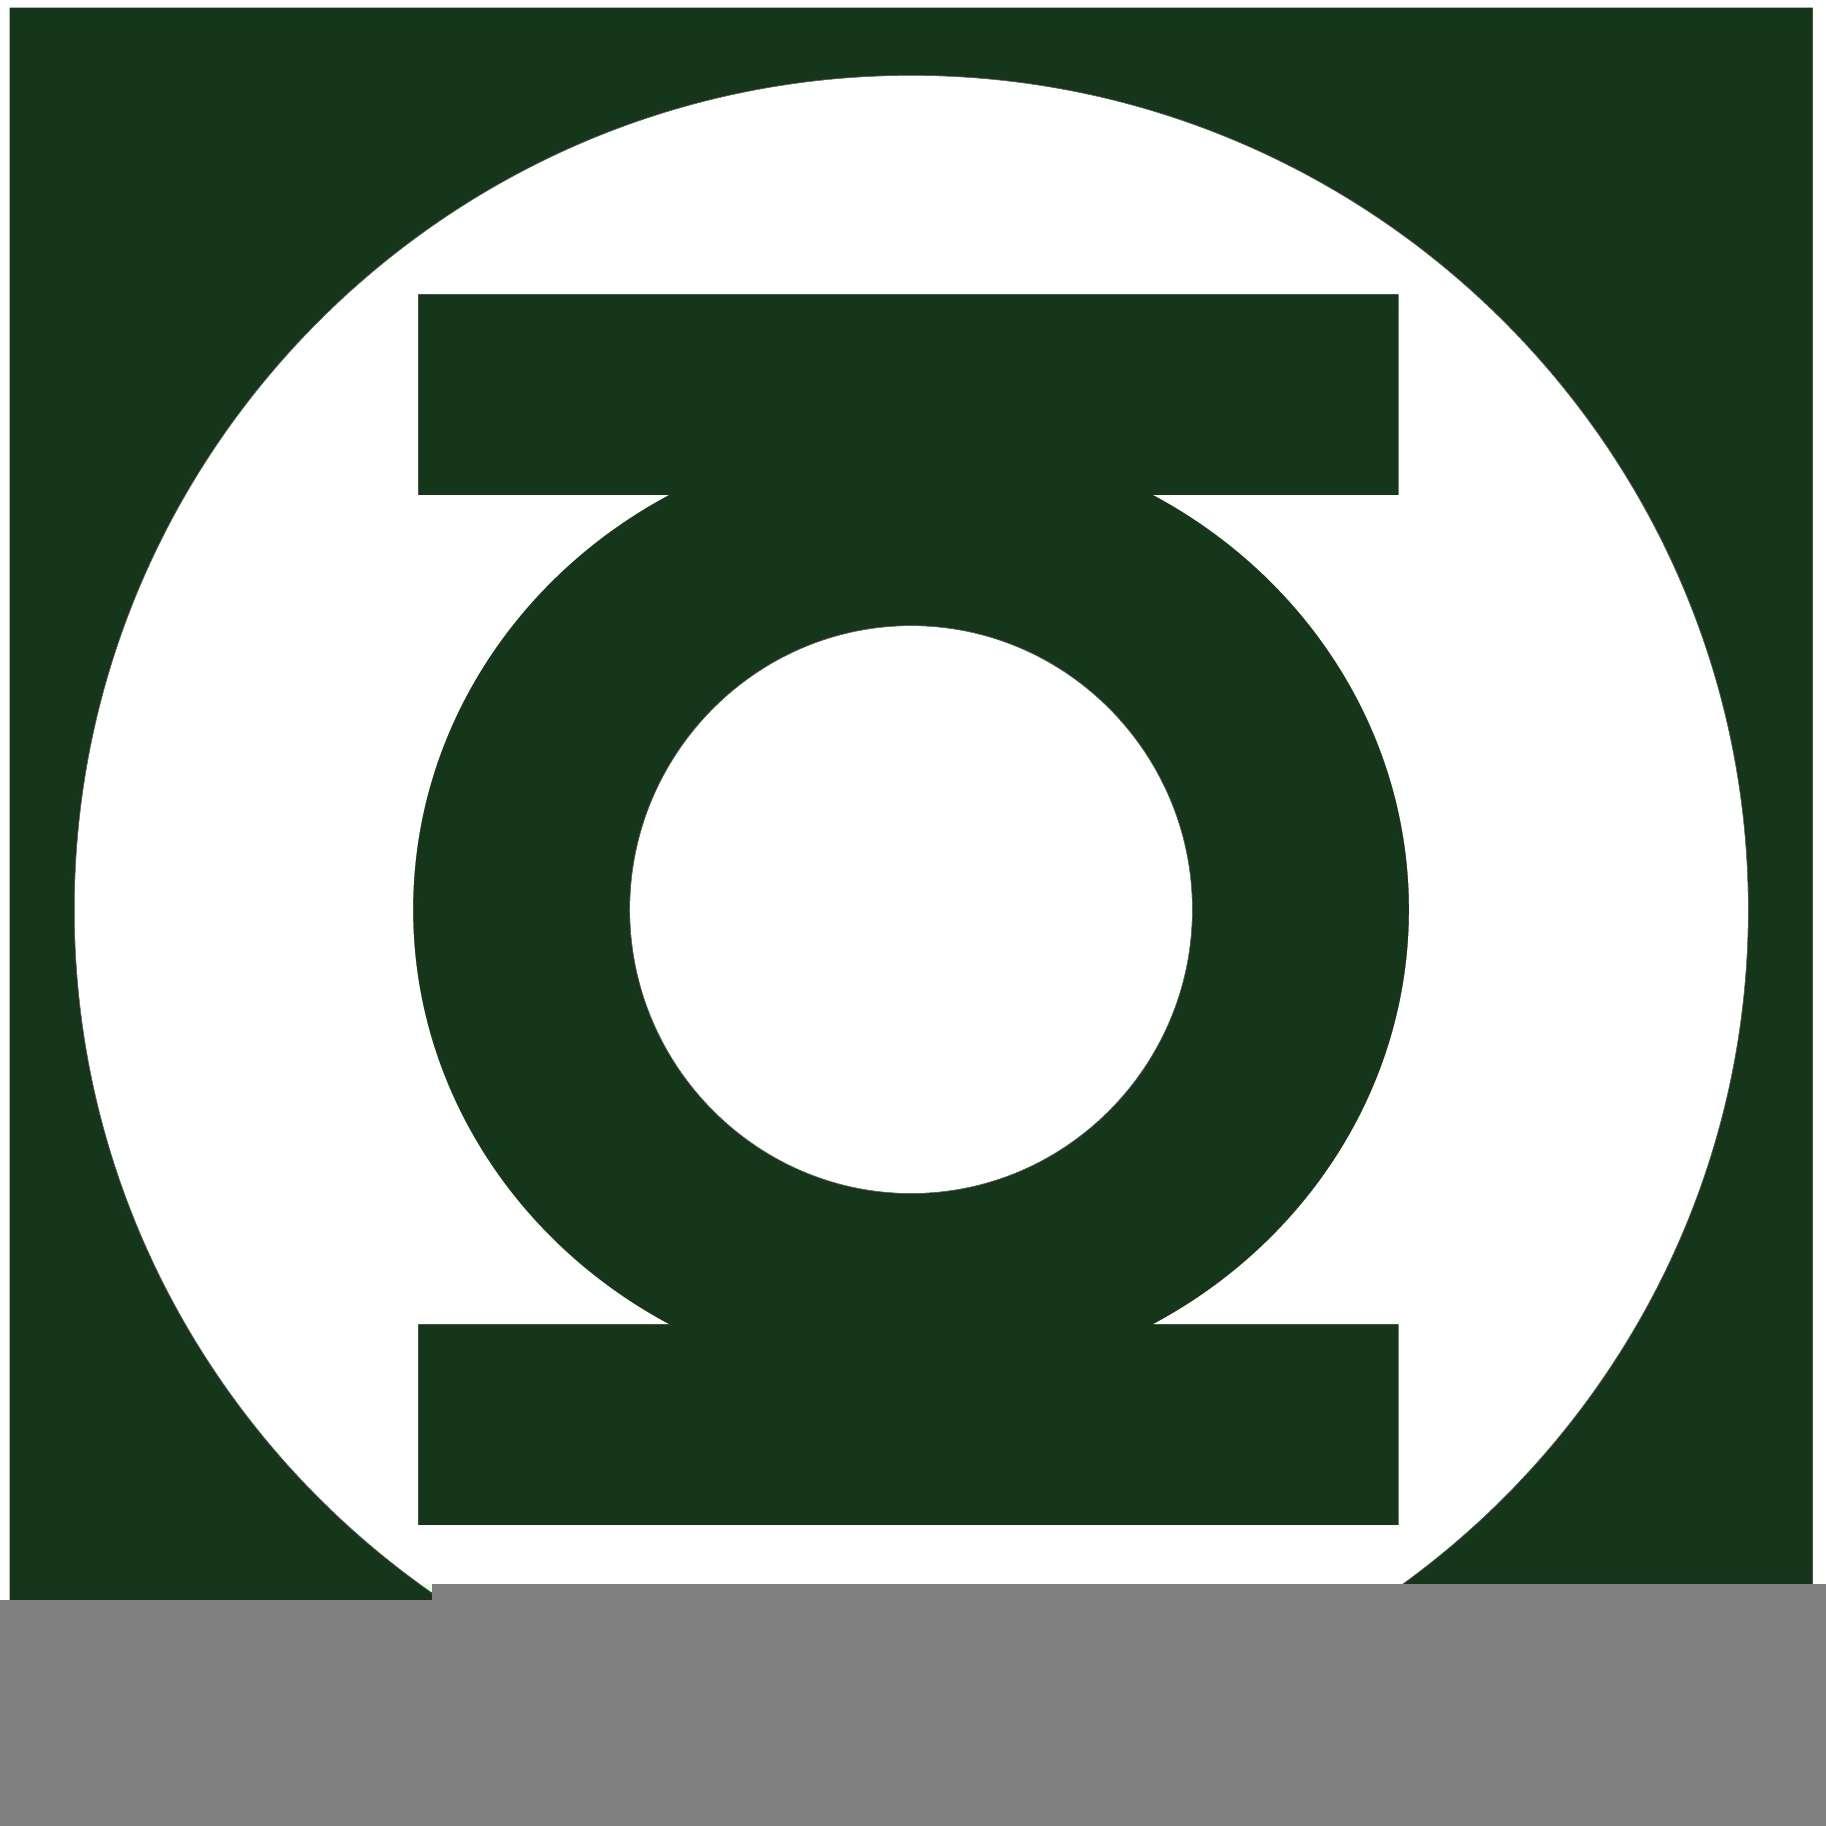 green-lantern-logo